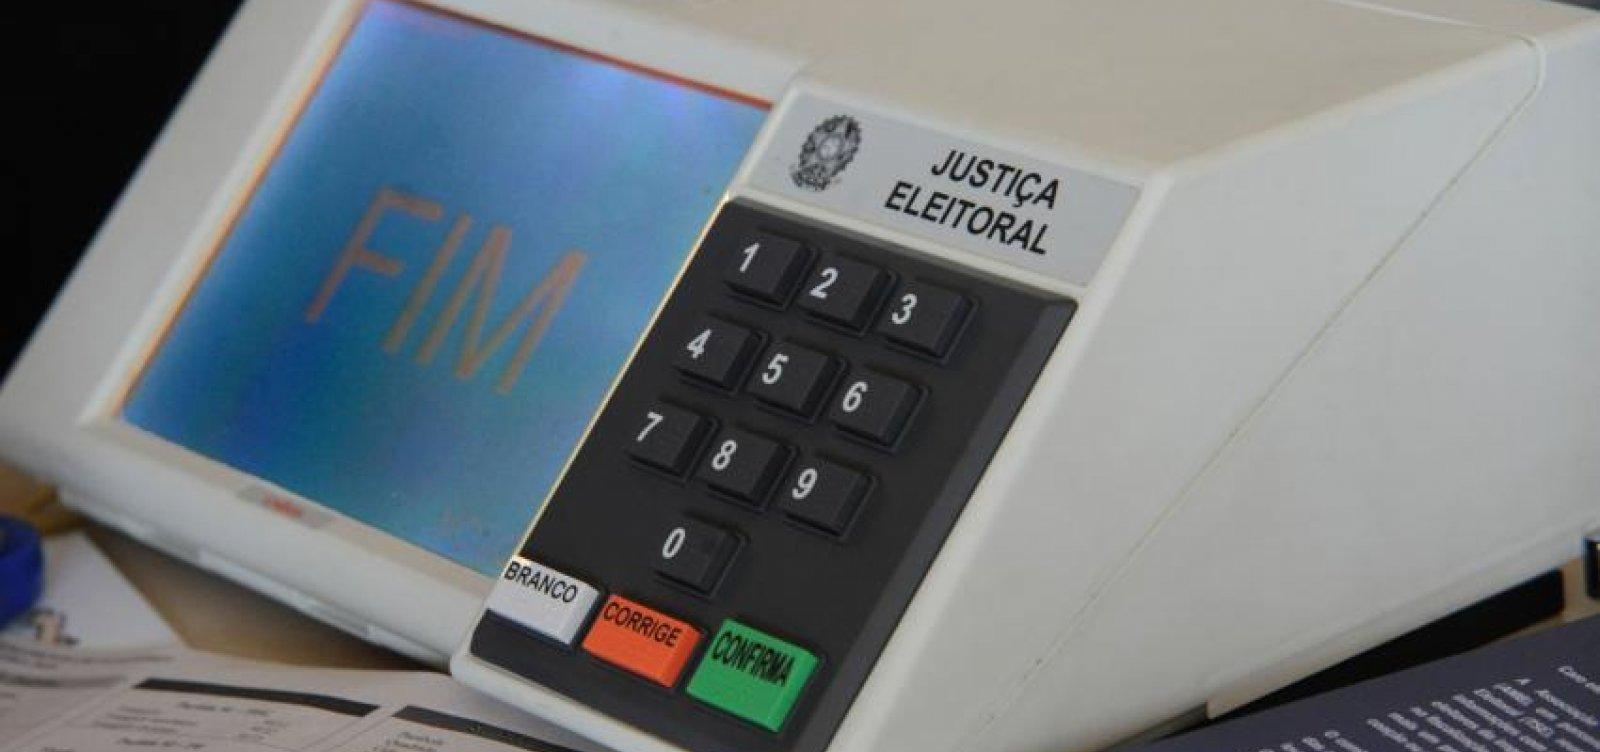 [Cidadãos baianos registram mais de 200 denúncias ao TSE]